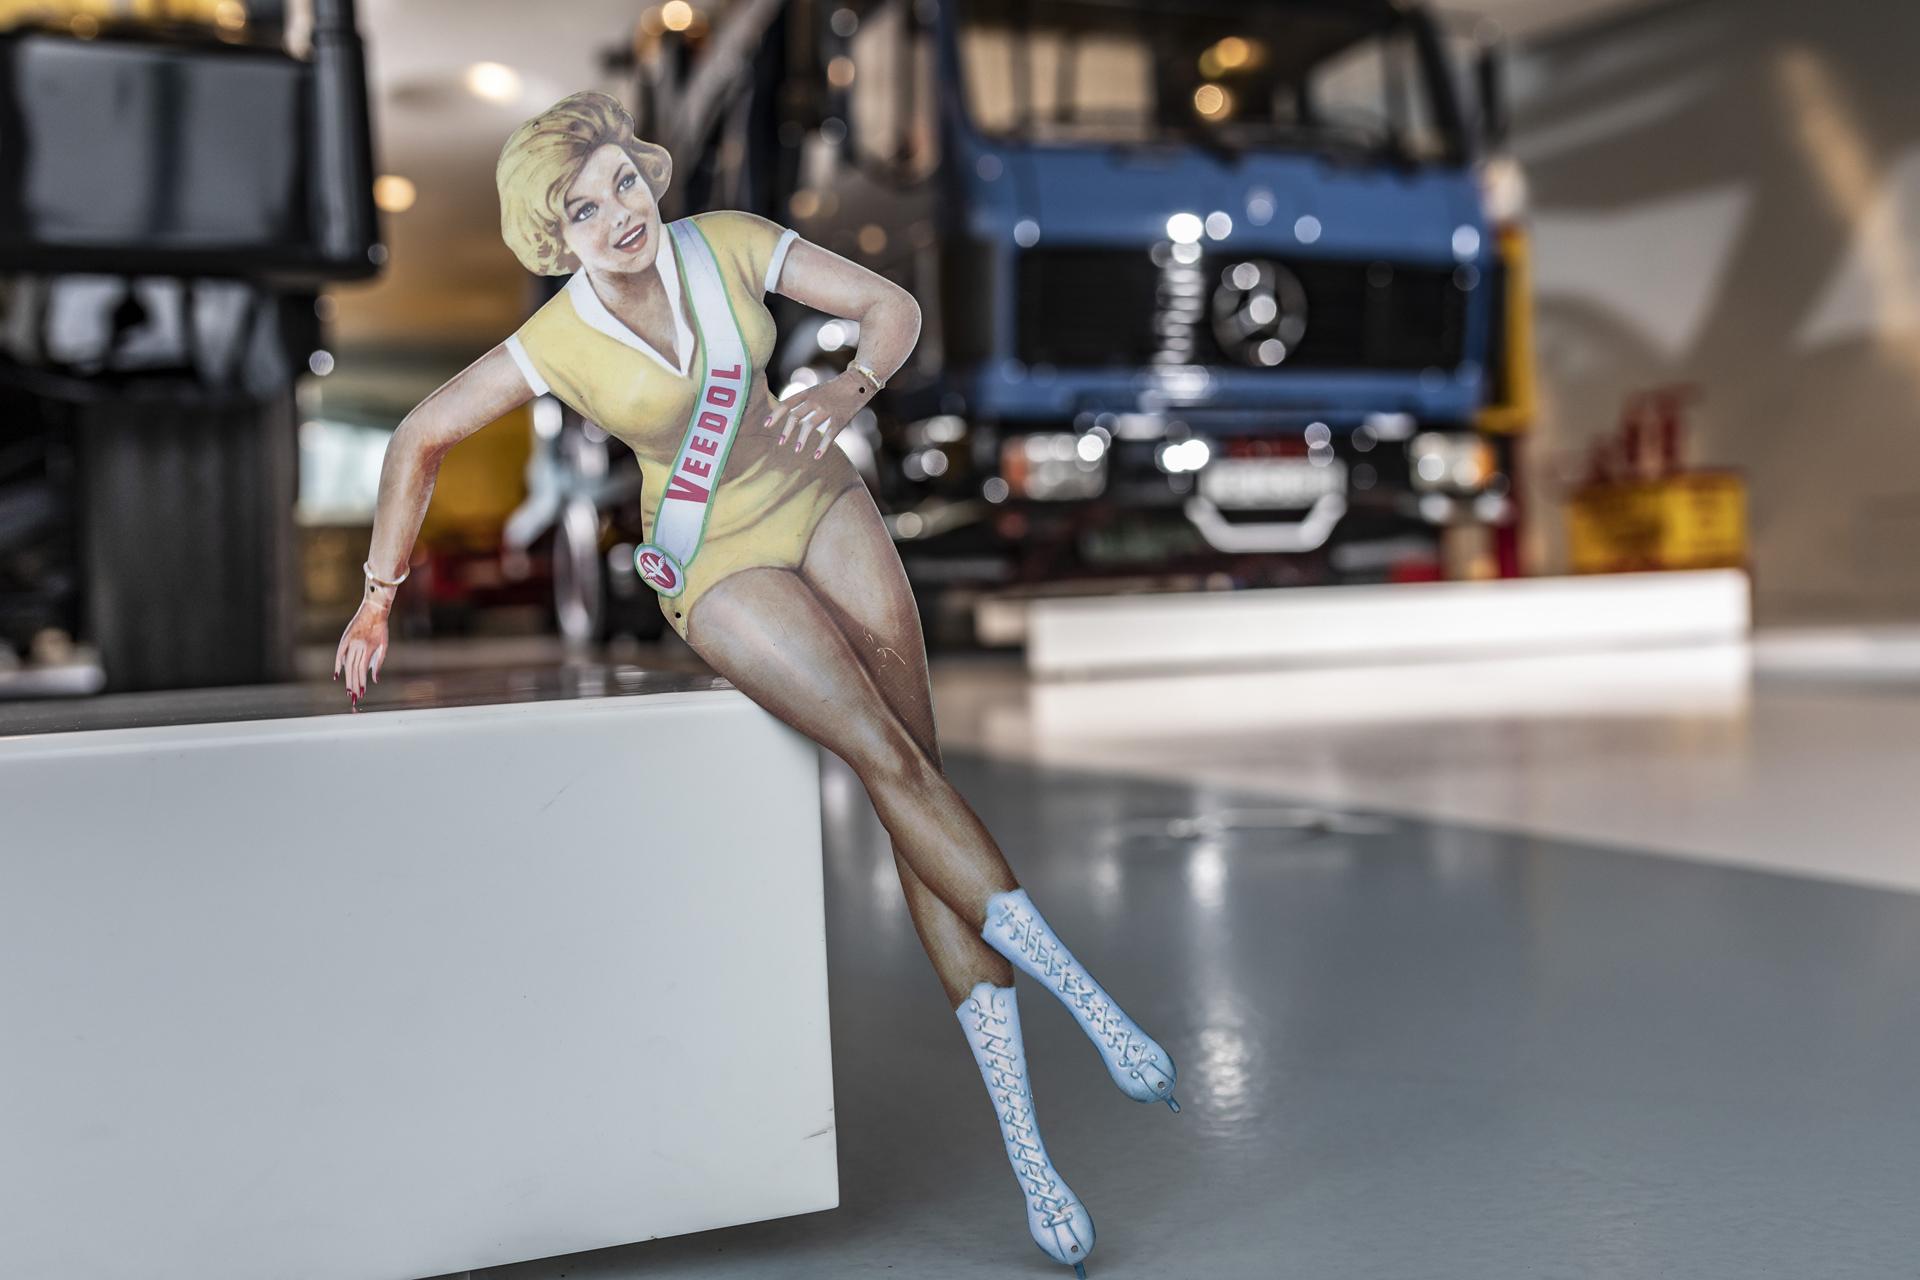 """Die Veedol-Frau: ein berühmtes Werbemotiv des Schmierstoffherstellers. Entworfen hat es 1952 der Grafiker Heinz Fehling und greift mit dieser Umsetzung die Themen Leichtigkeit und Geschwindigkeit auf. Die Veedol-Frau ist eines von """"33 Extras"""" im Mercedes-Benz Museum."""